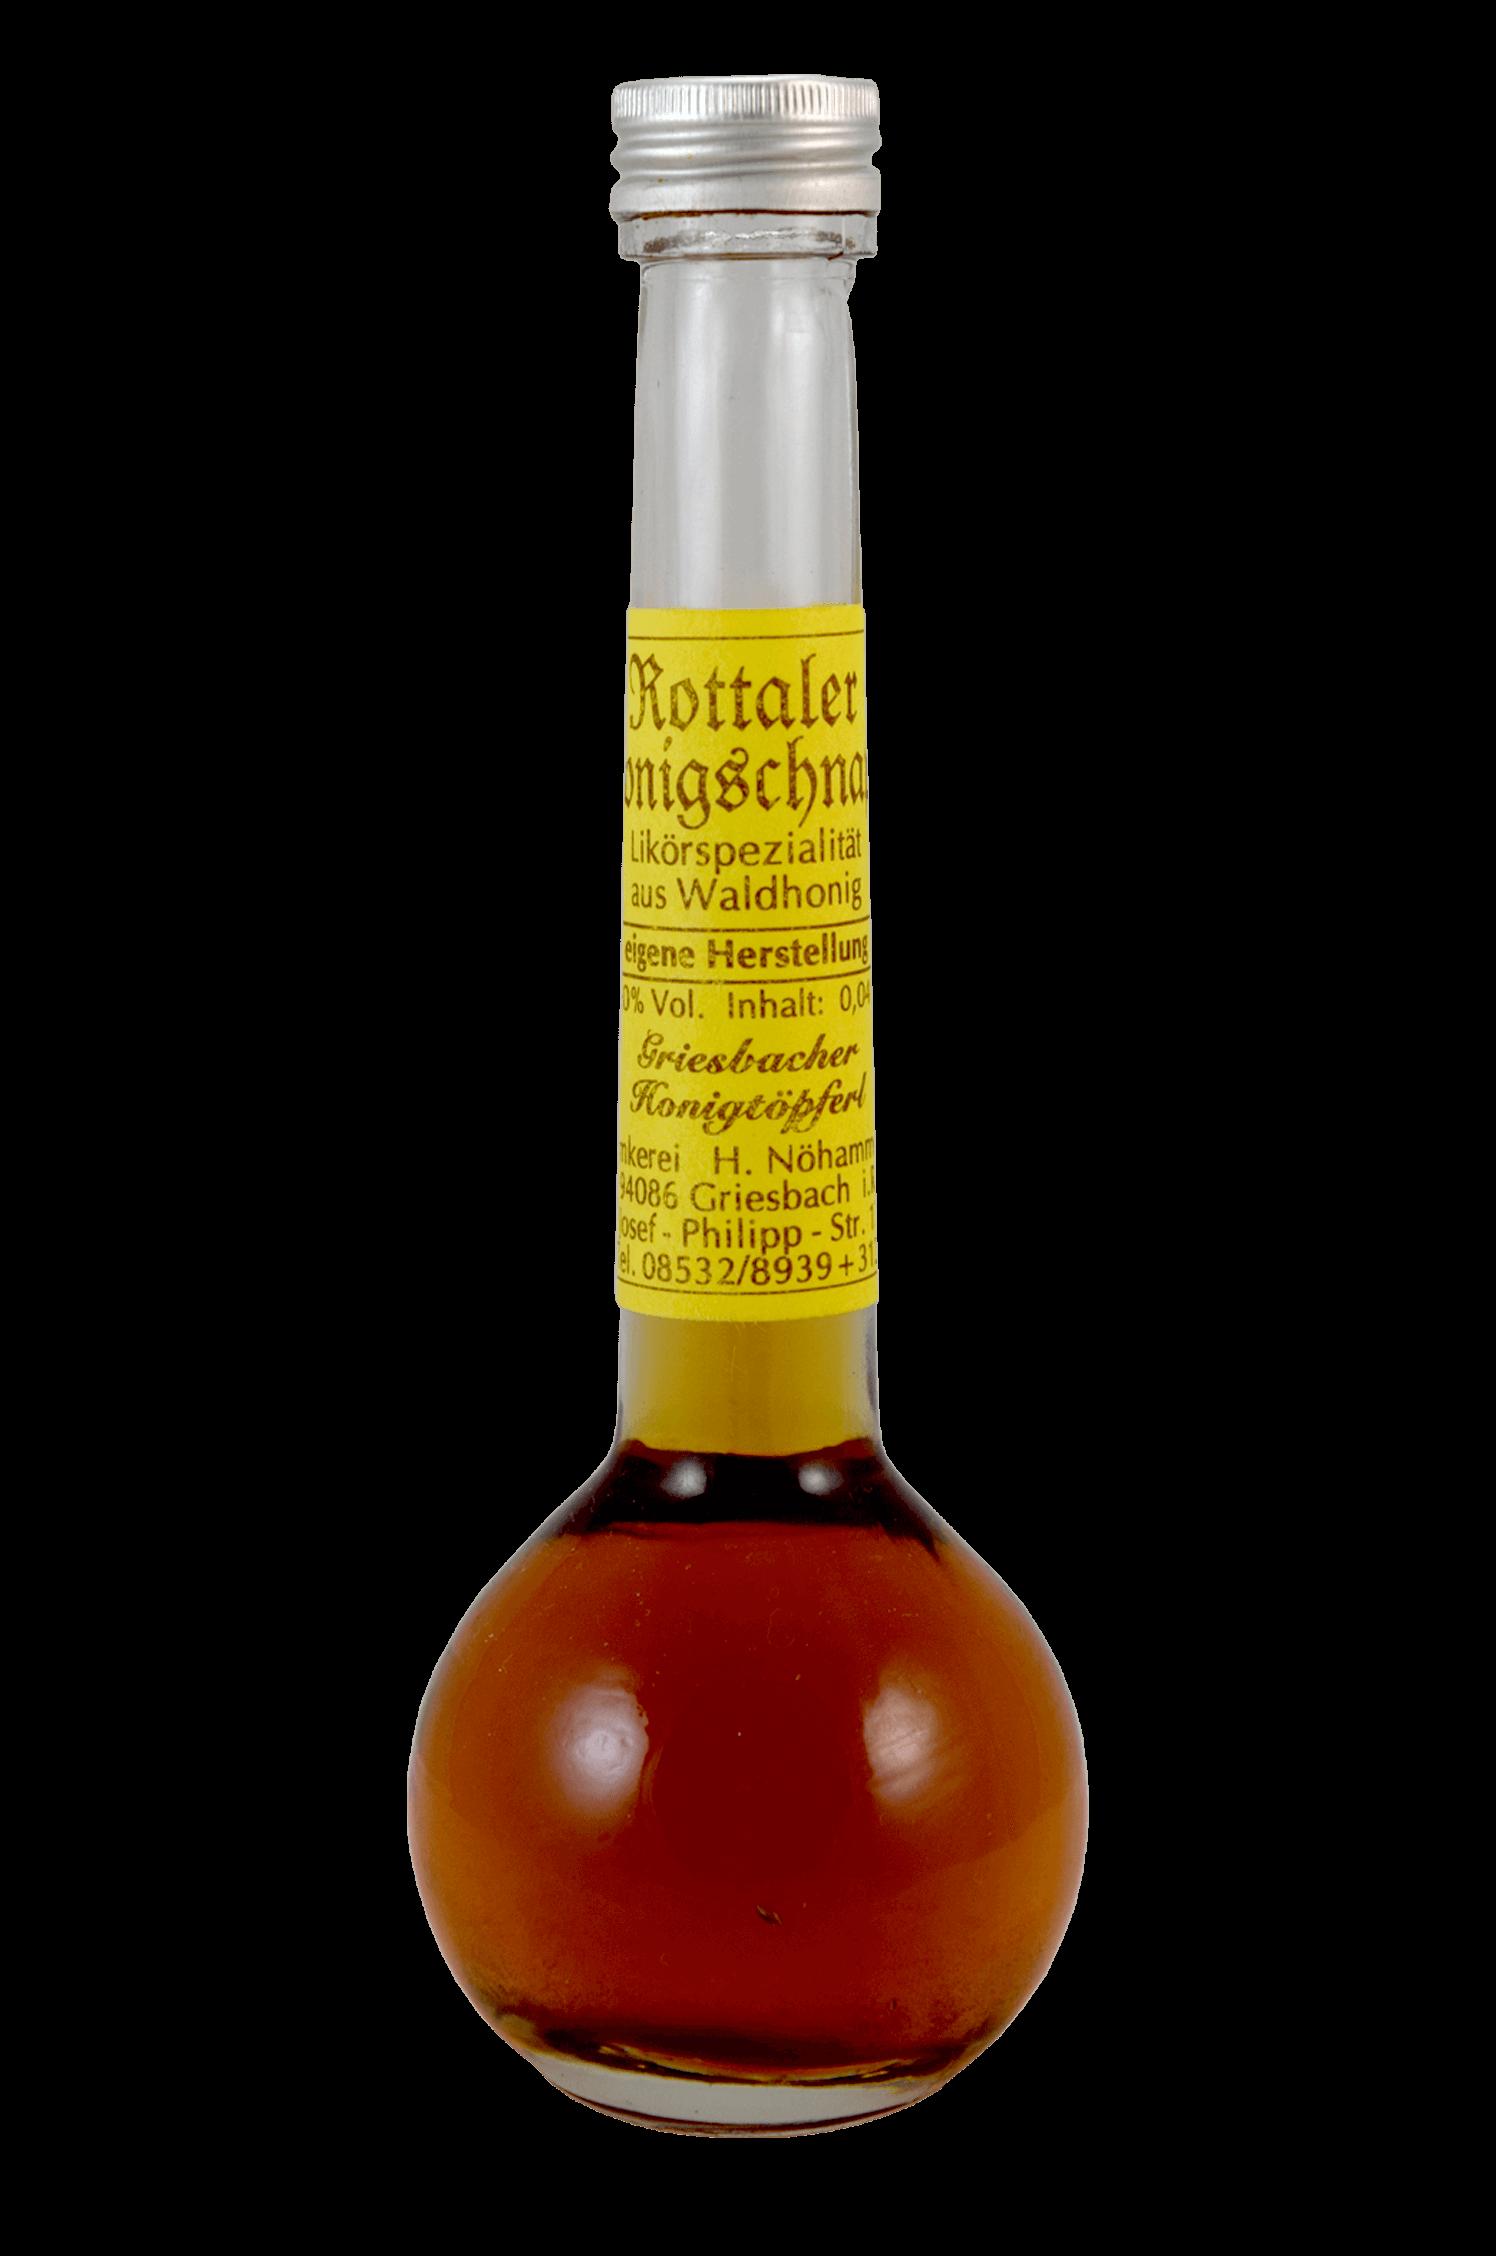 Rottaler Honigschnaps